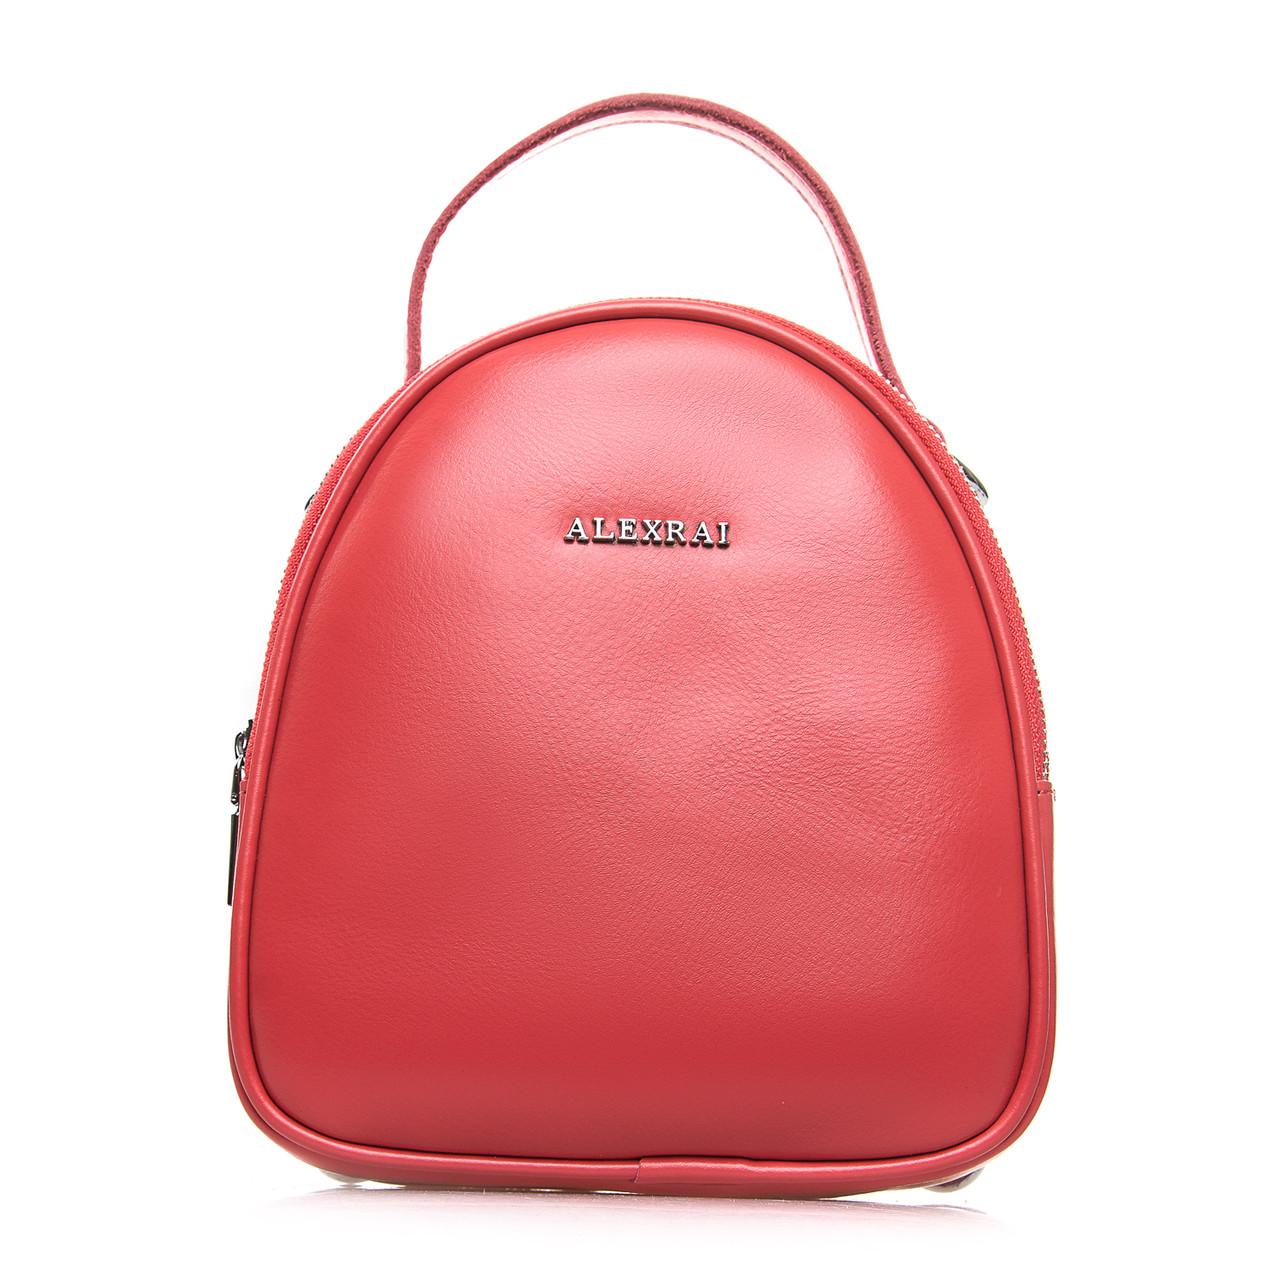 Сумка Женская Клатч кожа ALEX RAI 2-01 2228 watermelon red